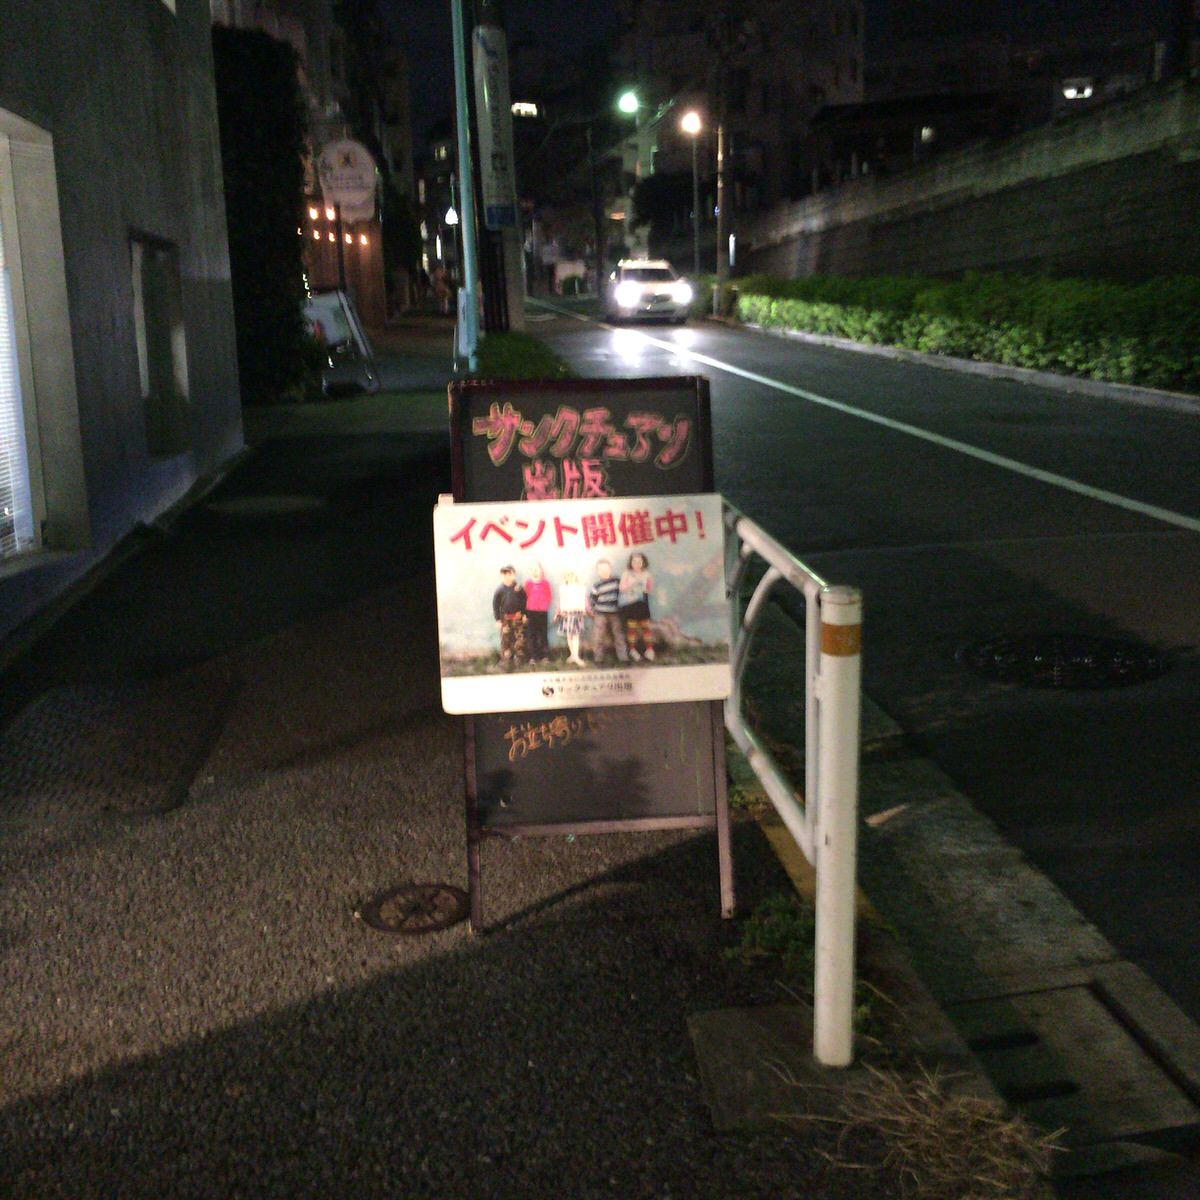 サンクチュアリ出版さんにて開催された 立花岳志さんのイベントに参加 初心を再確認